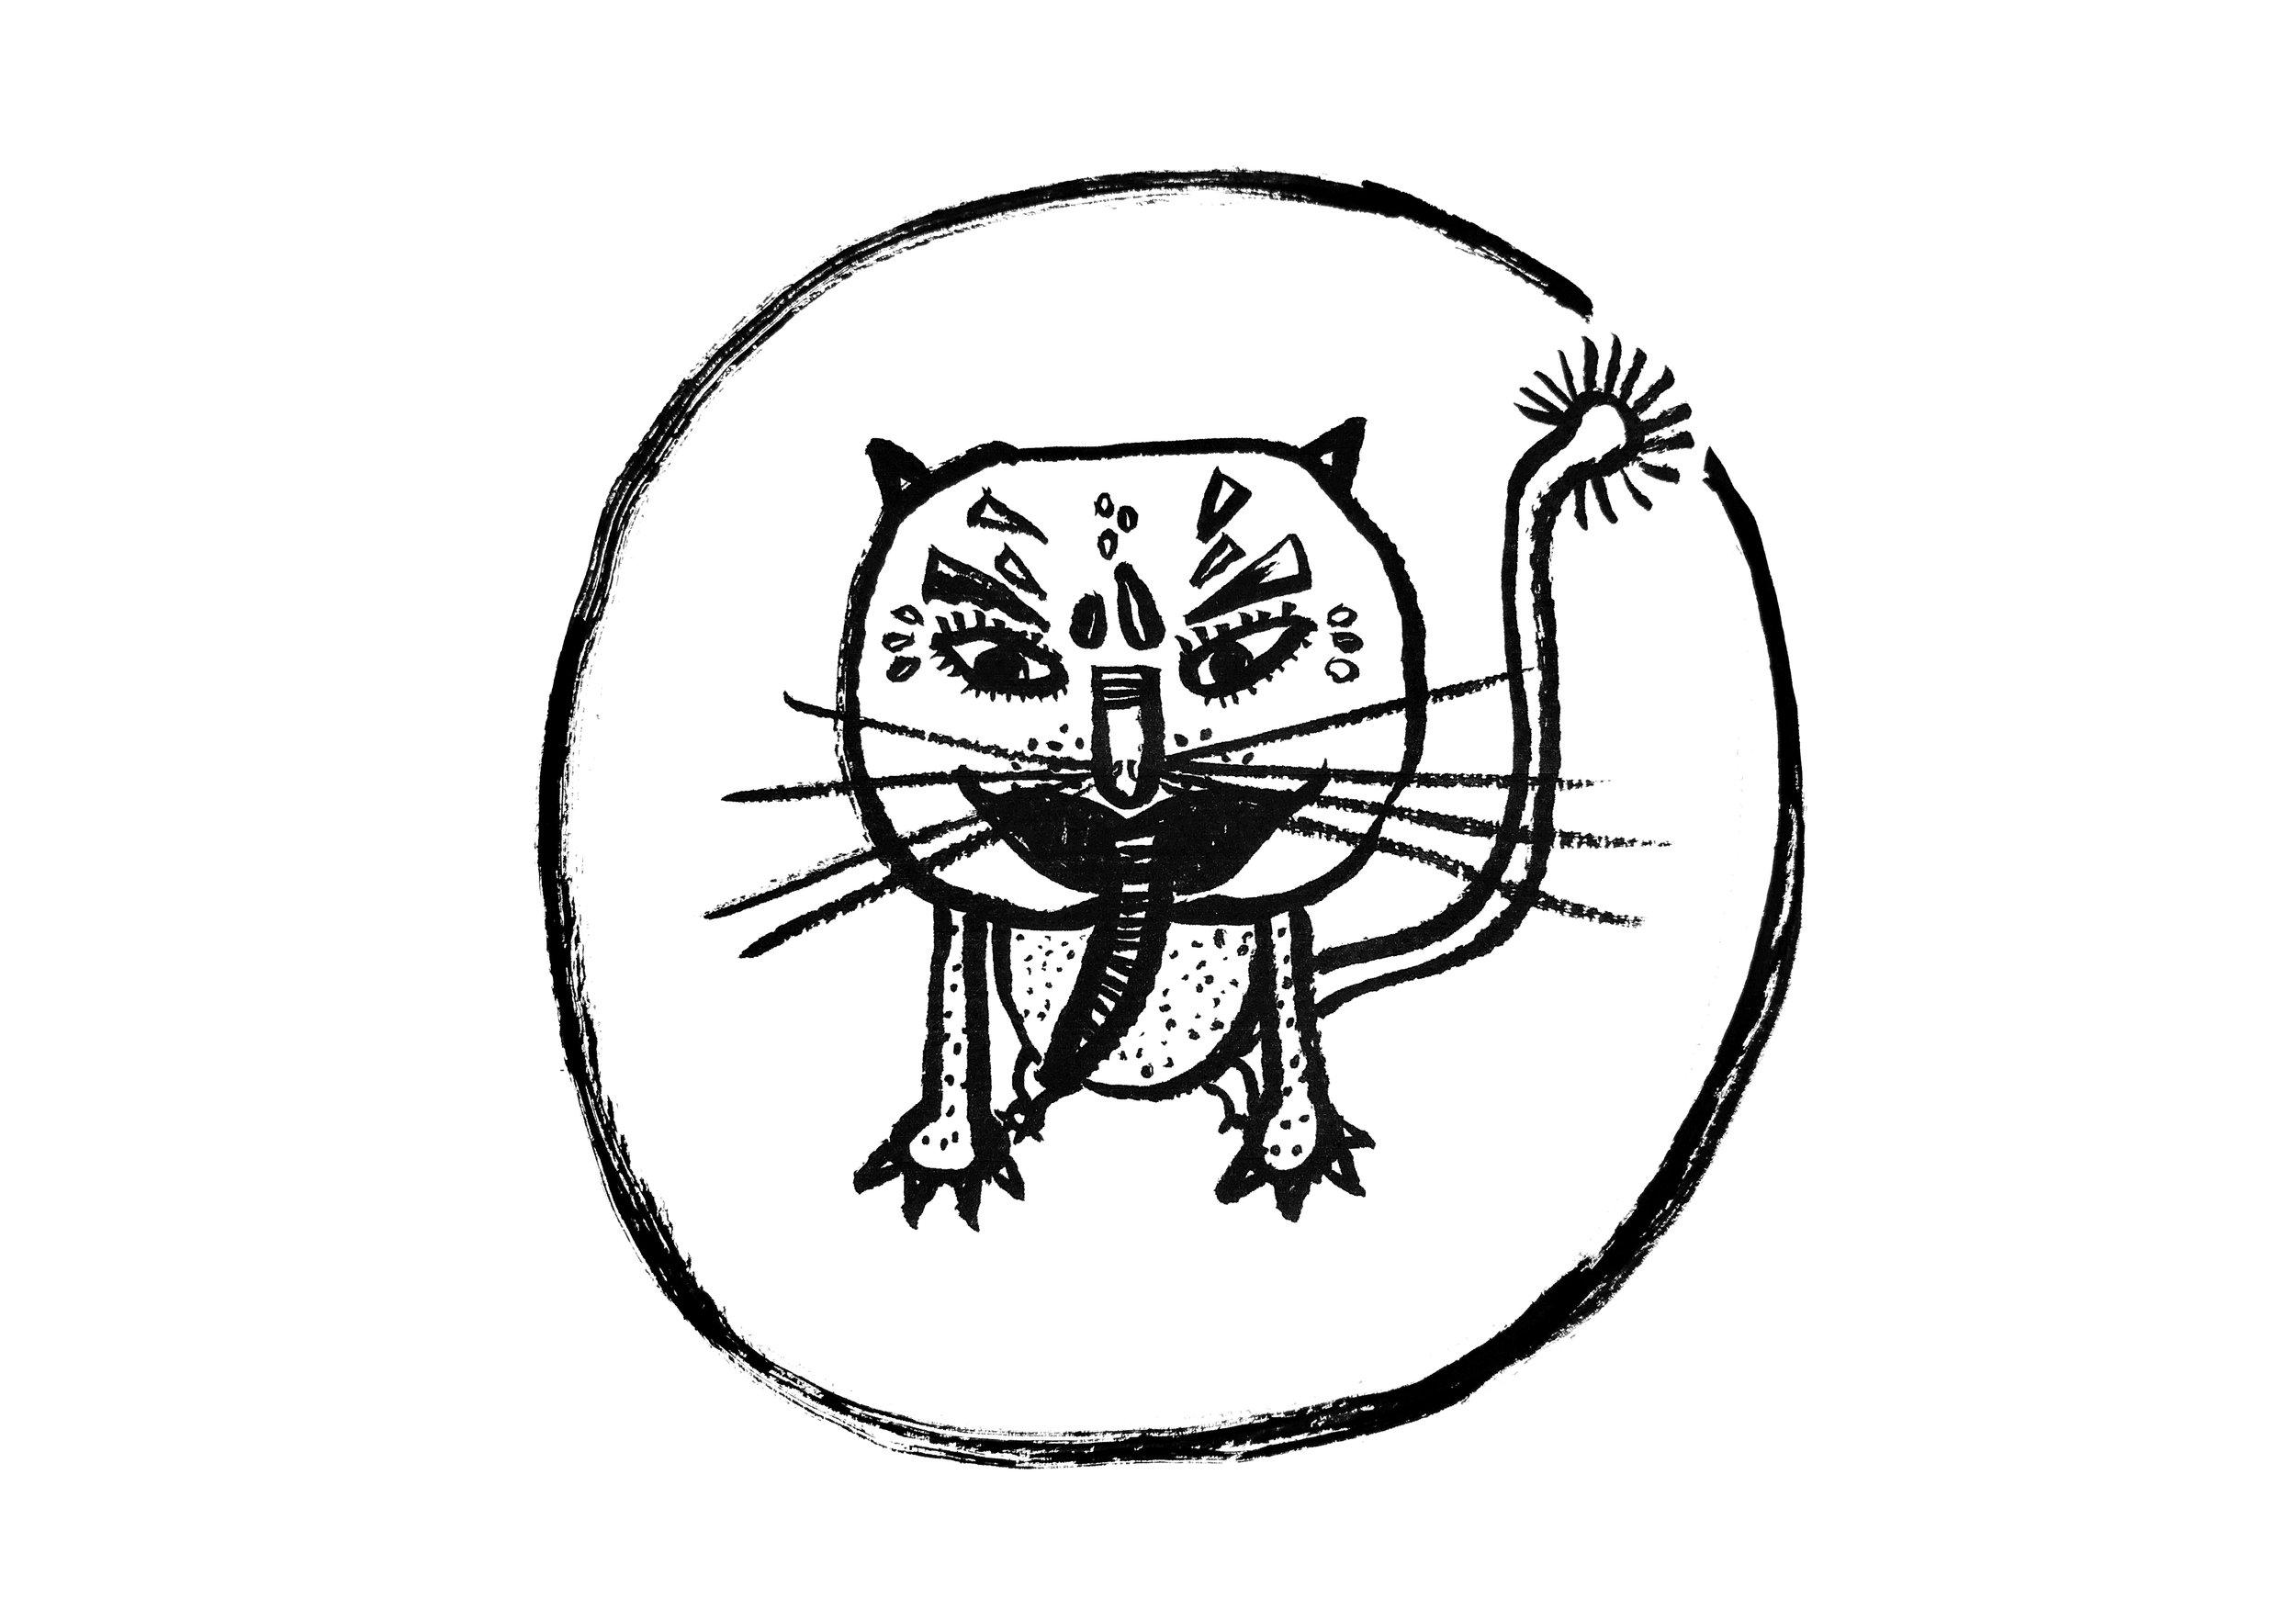 lion-logo-circle-rectangular.jpg